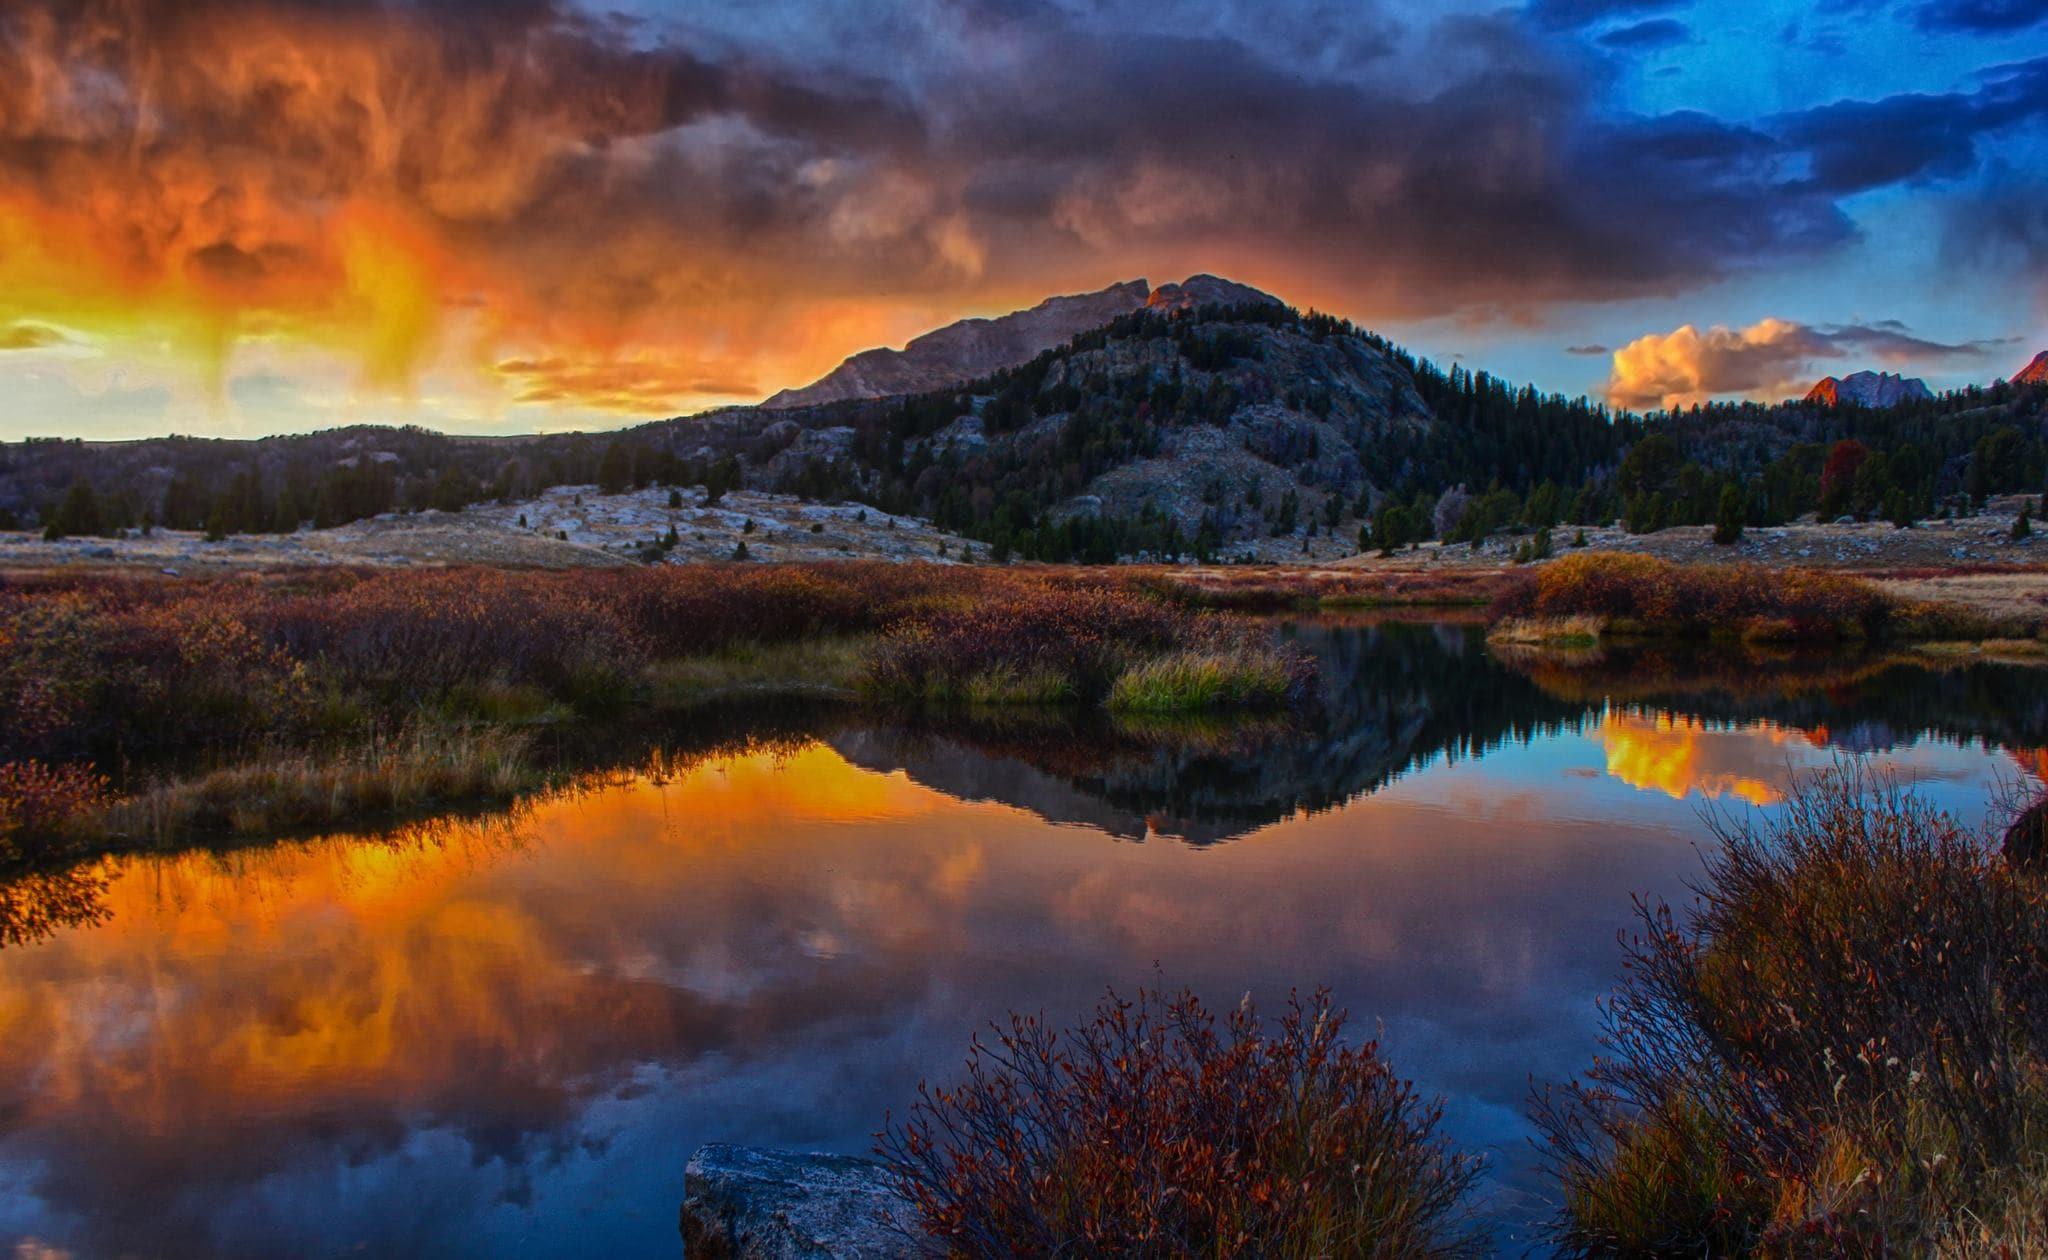 Sunset at Mount Geikie